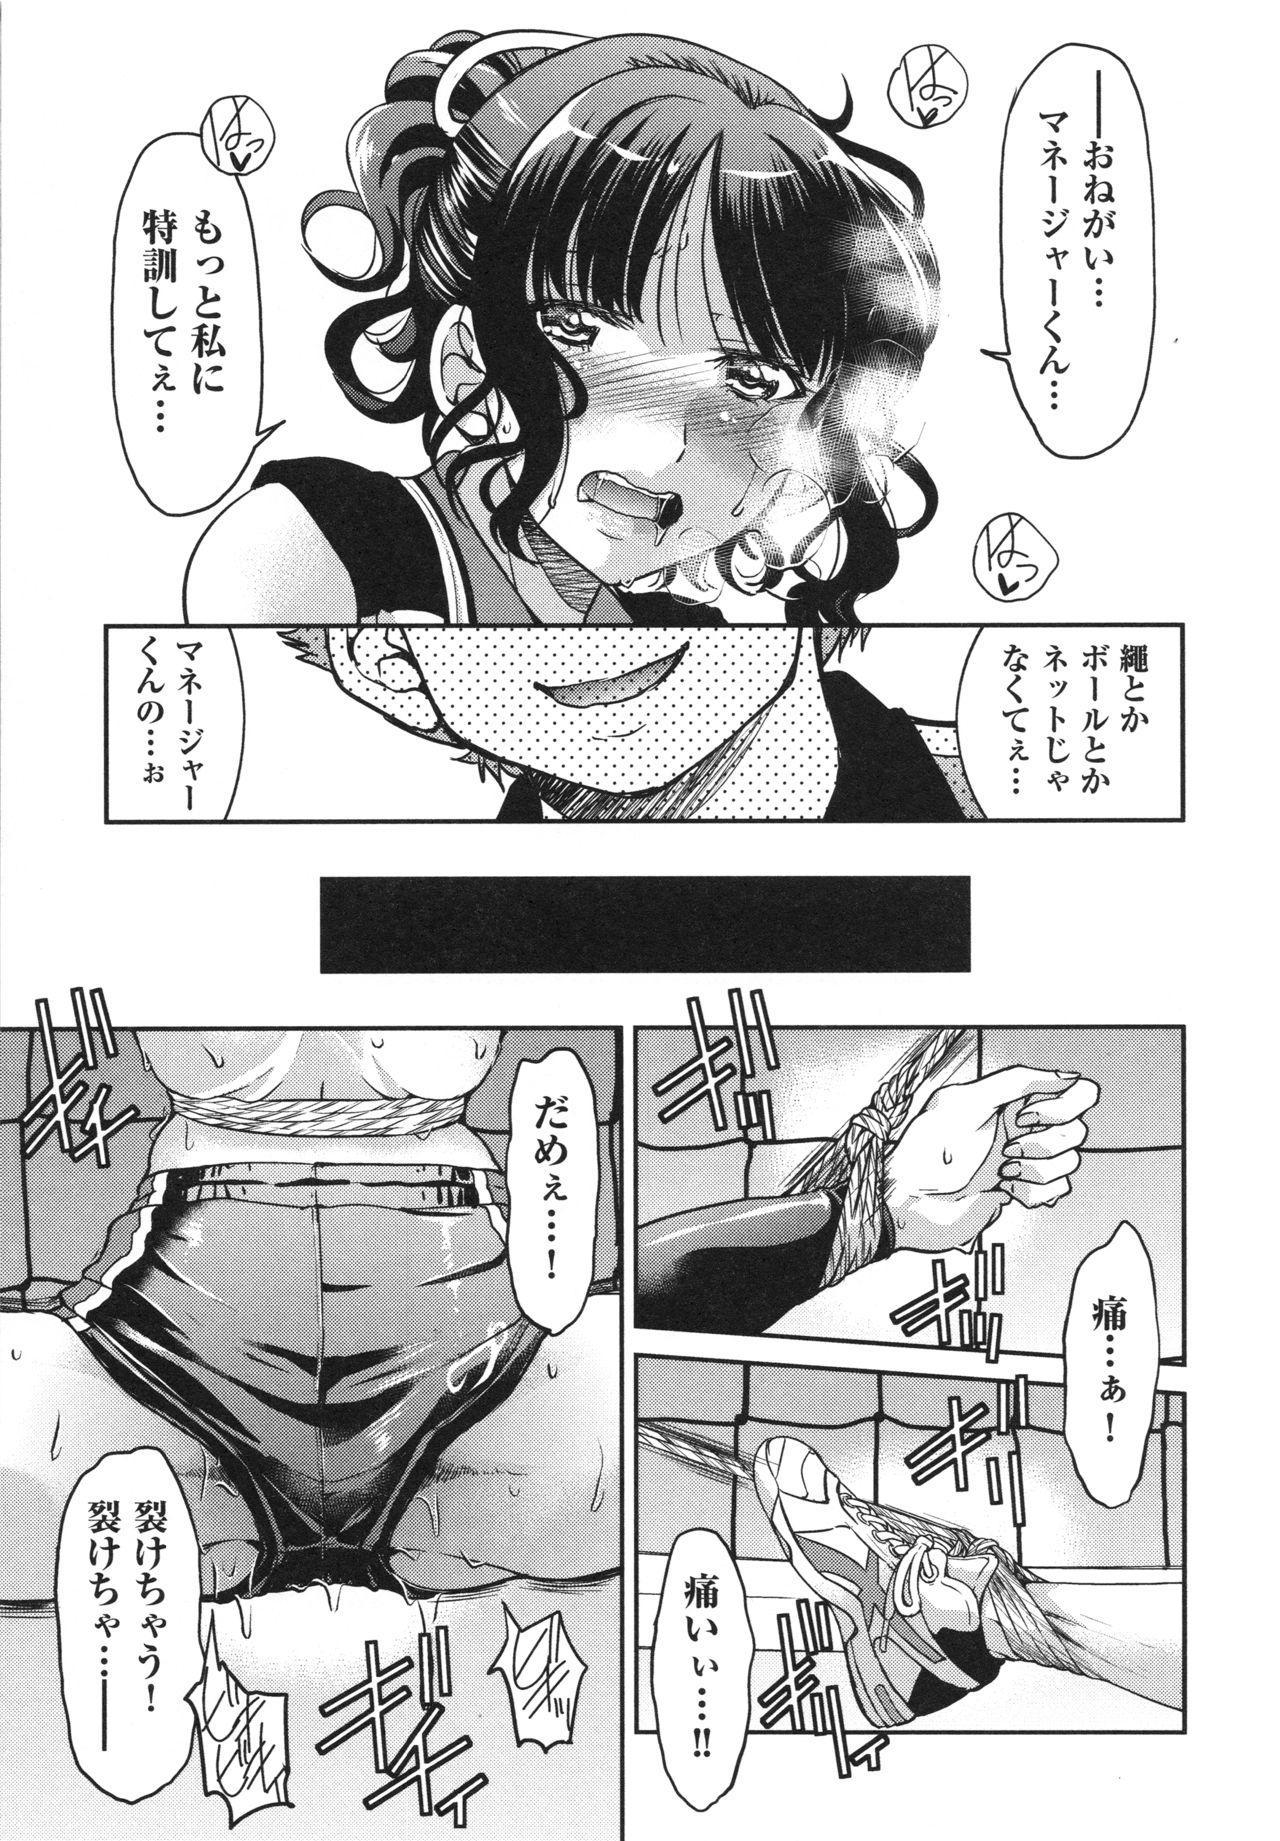 Akogare no Senpai o Shibatte Nigerarenaku Shite XXX. 76